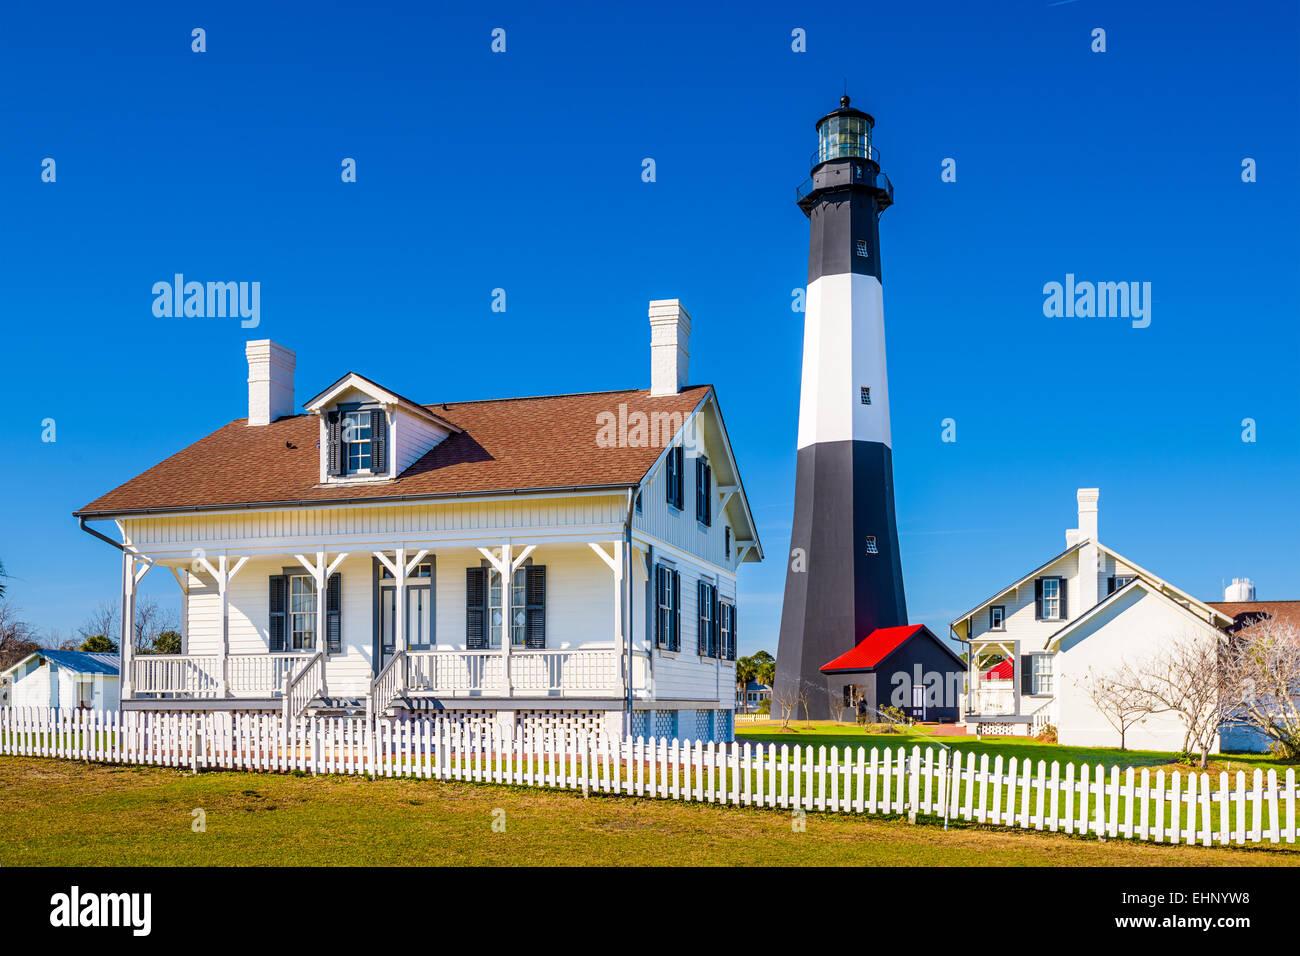 Tybee Island Light House of Tybee Island, Georgia, USA. - Stock Image